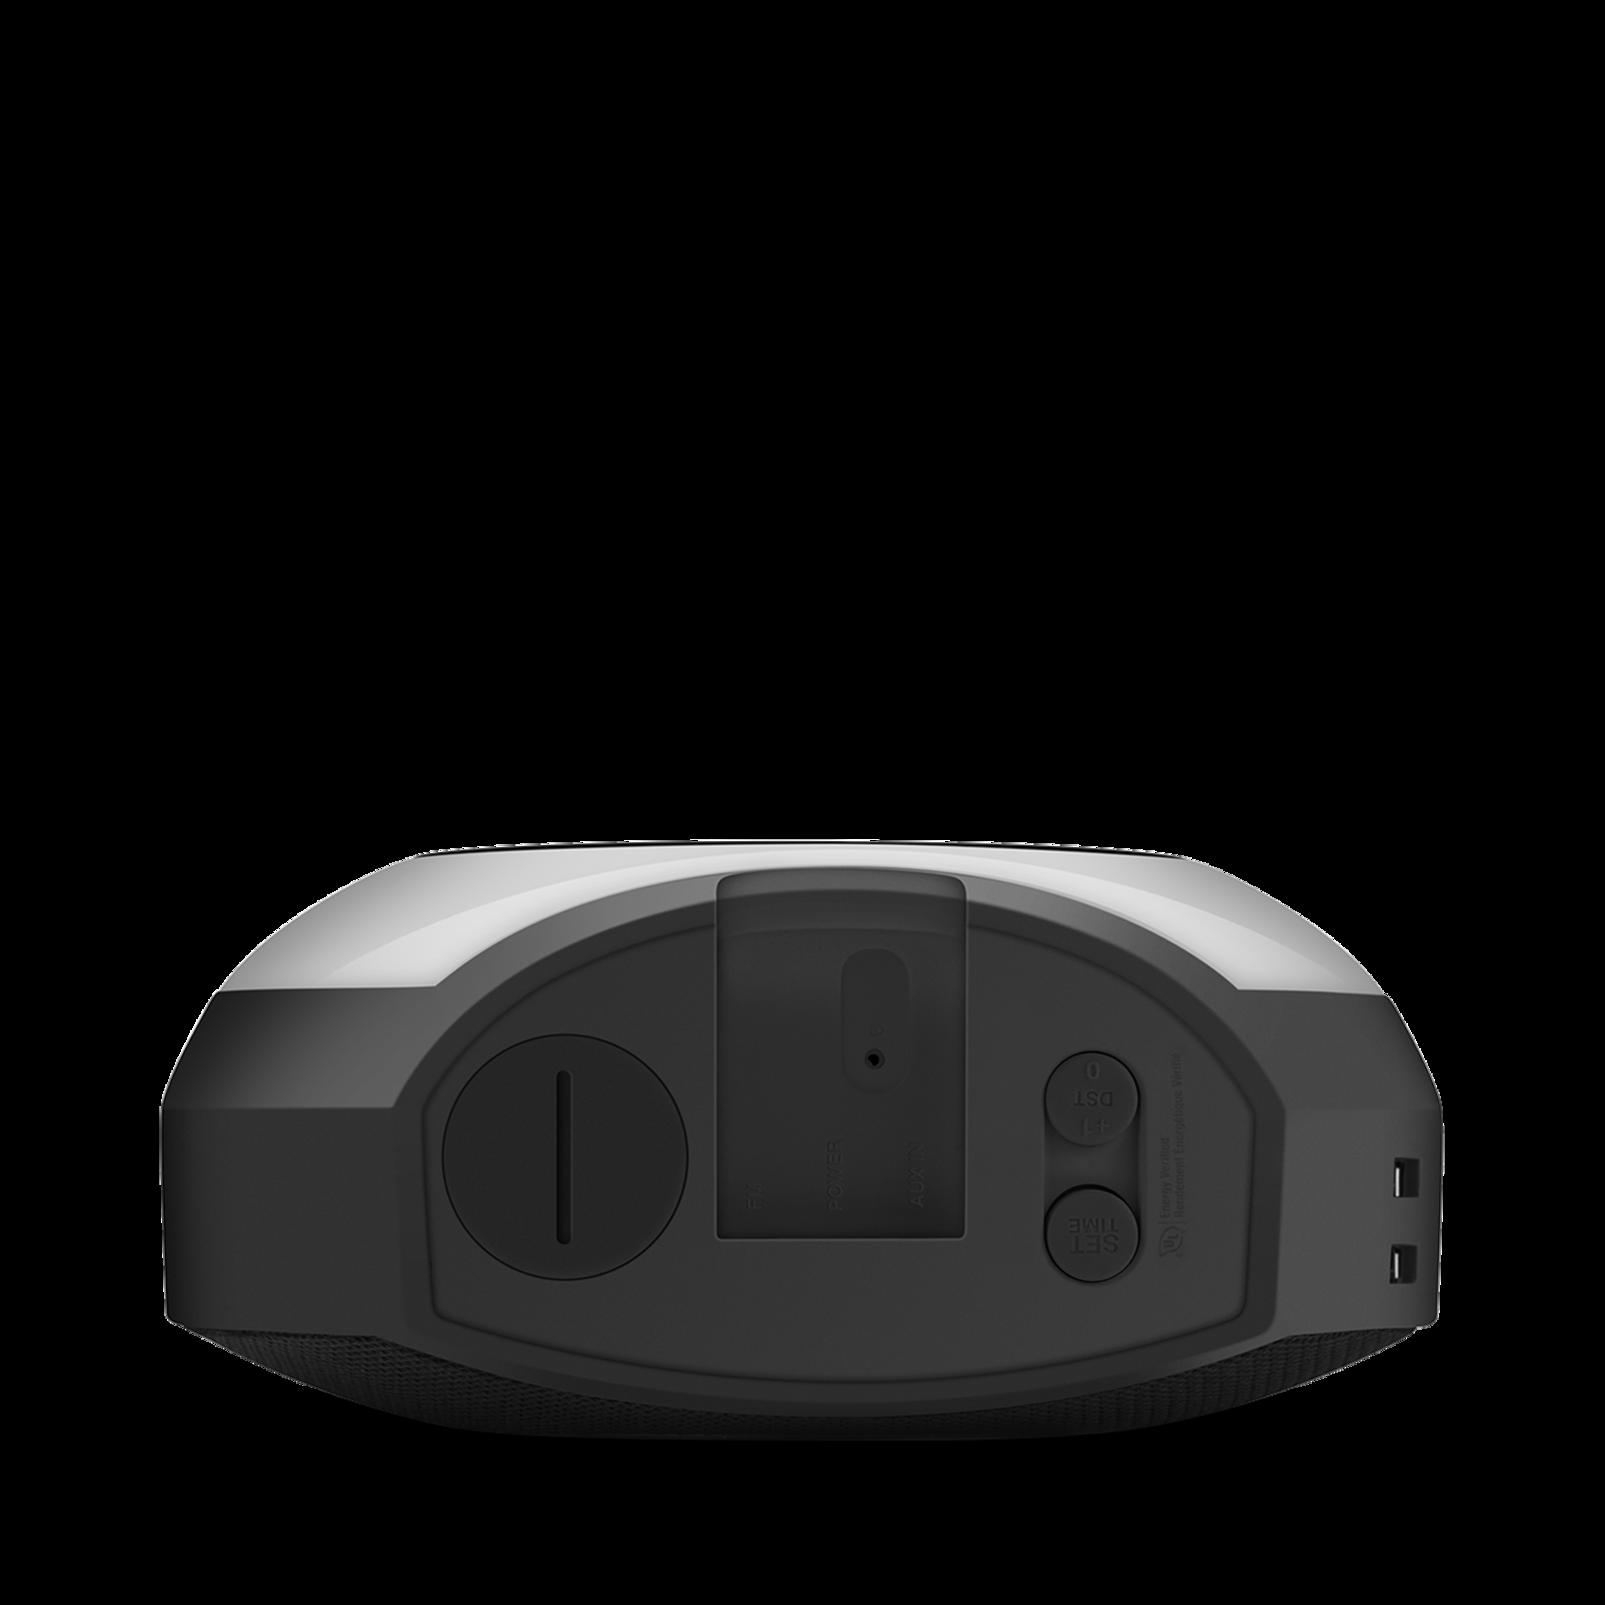 Jbl Horizon Bluetooth Wekkerradio Met Usb Oplaadfunctie ...